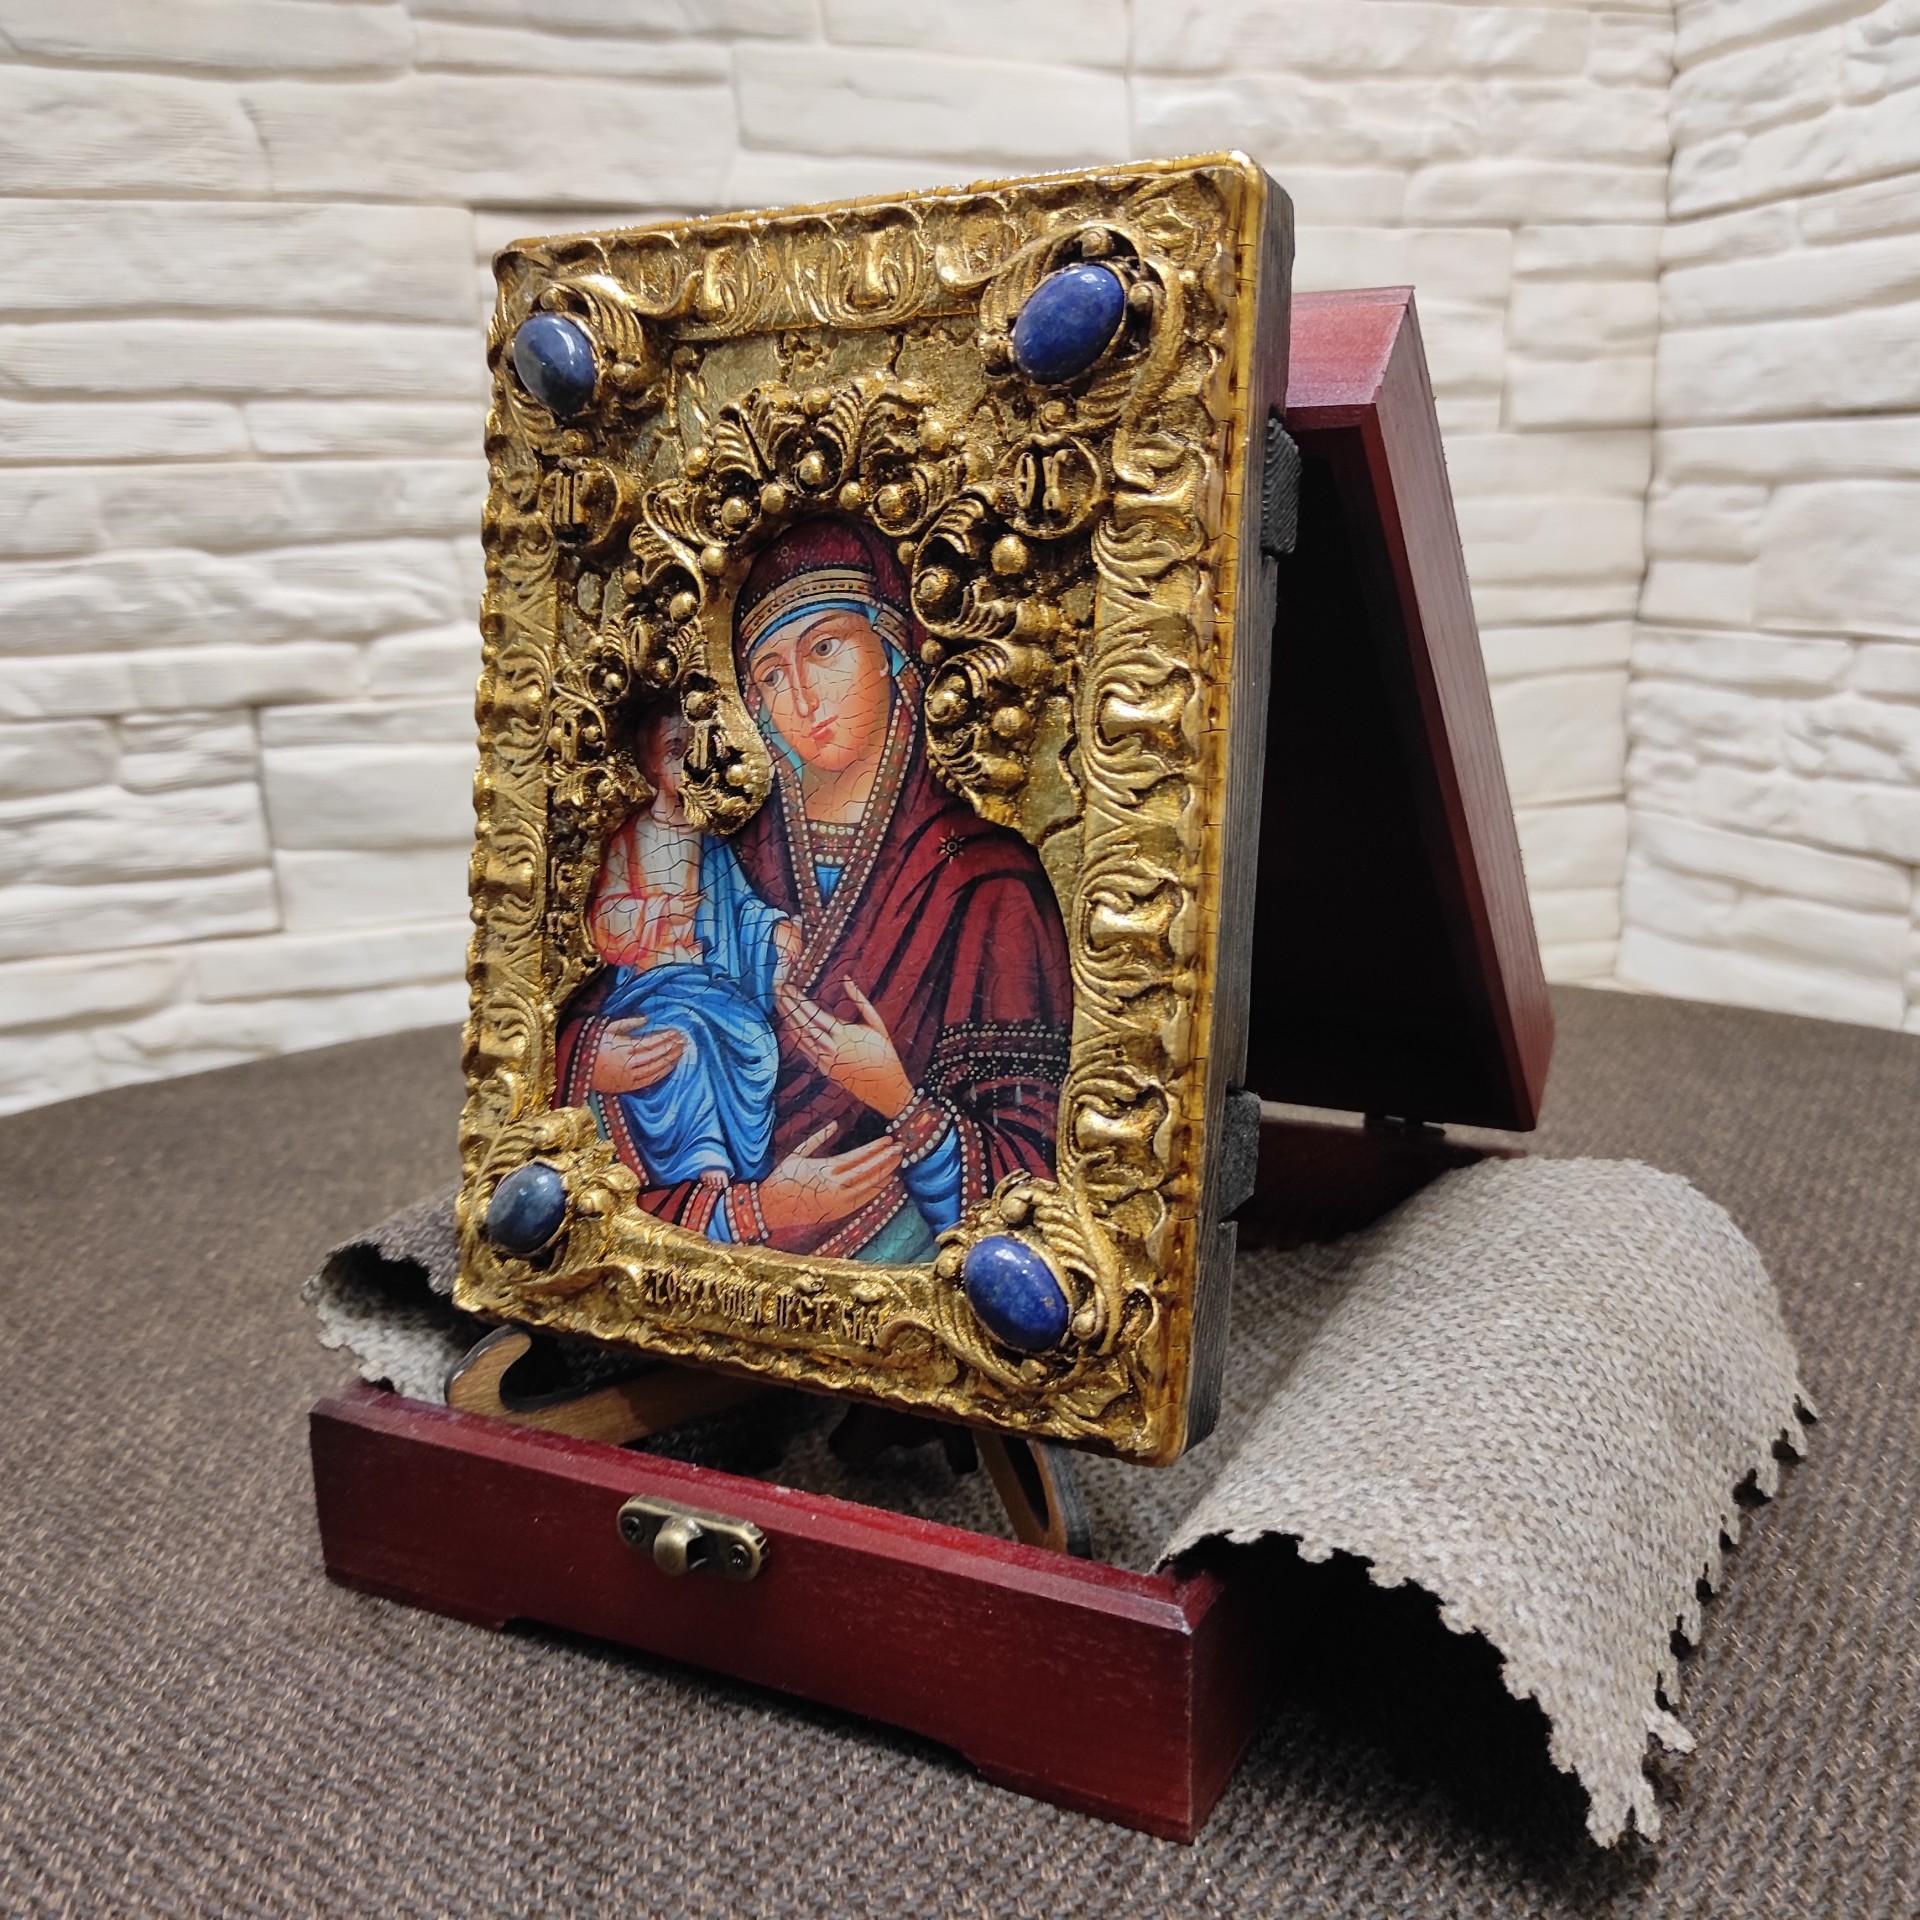 """Фото сбоку подарочной иконы пресвятой Богородицы """"Троеручица"""" с иглицами, камнями другой ракурс"""